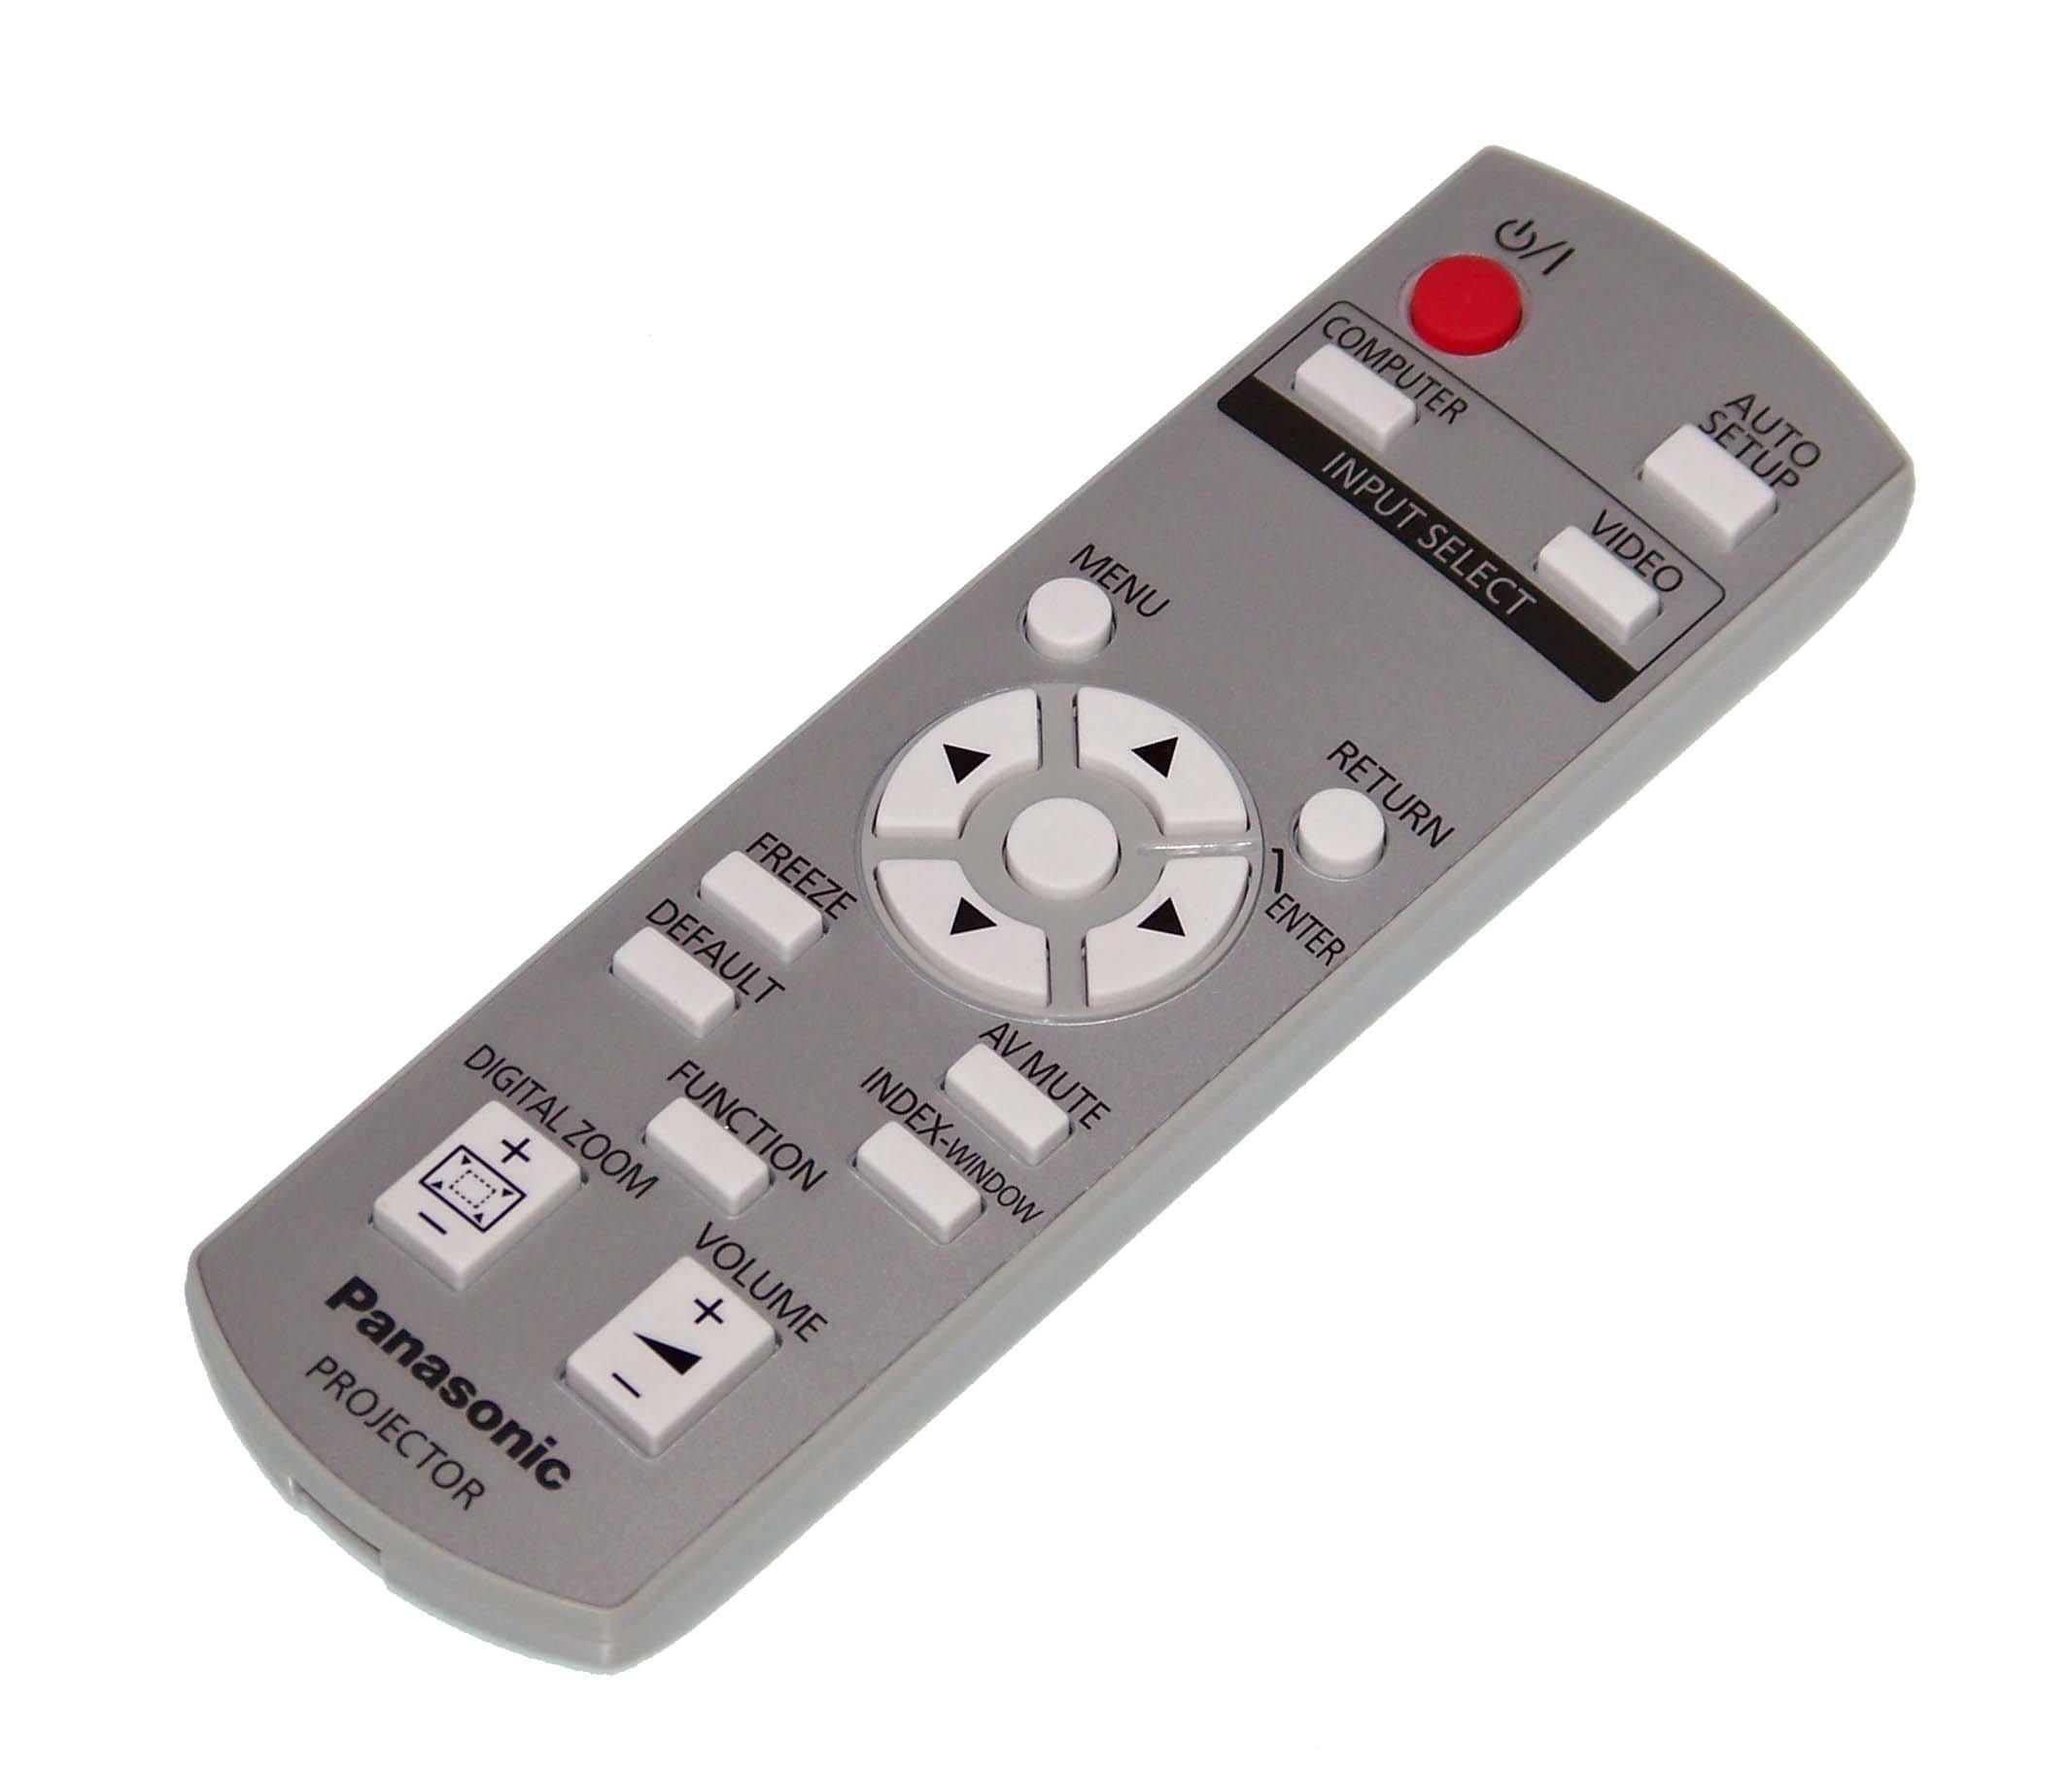 OEM Panasonic Remote Control Originally Shipped With PTLB78VU, PT-LB78VU, PTLB75U, PT-LB75U, PTLB90, PT-LB90